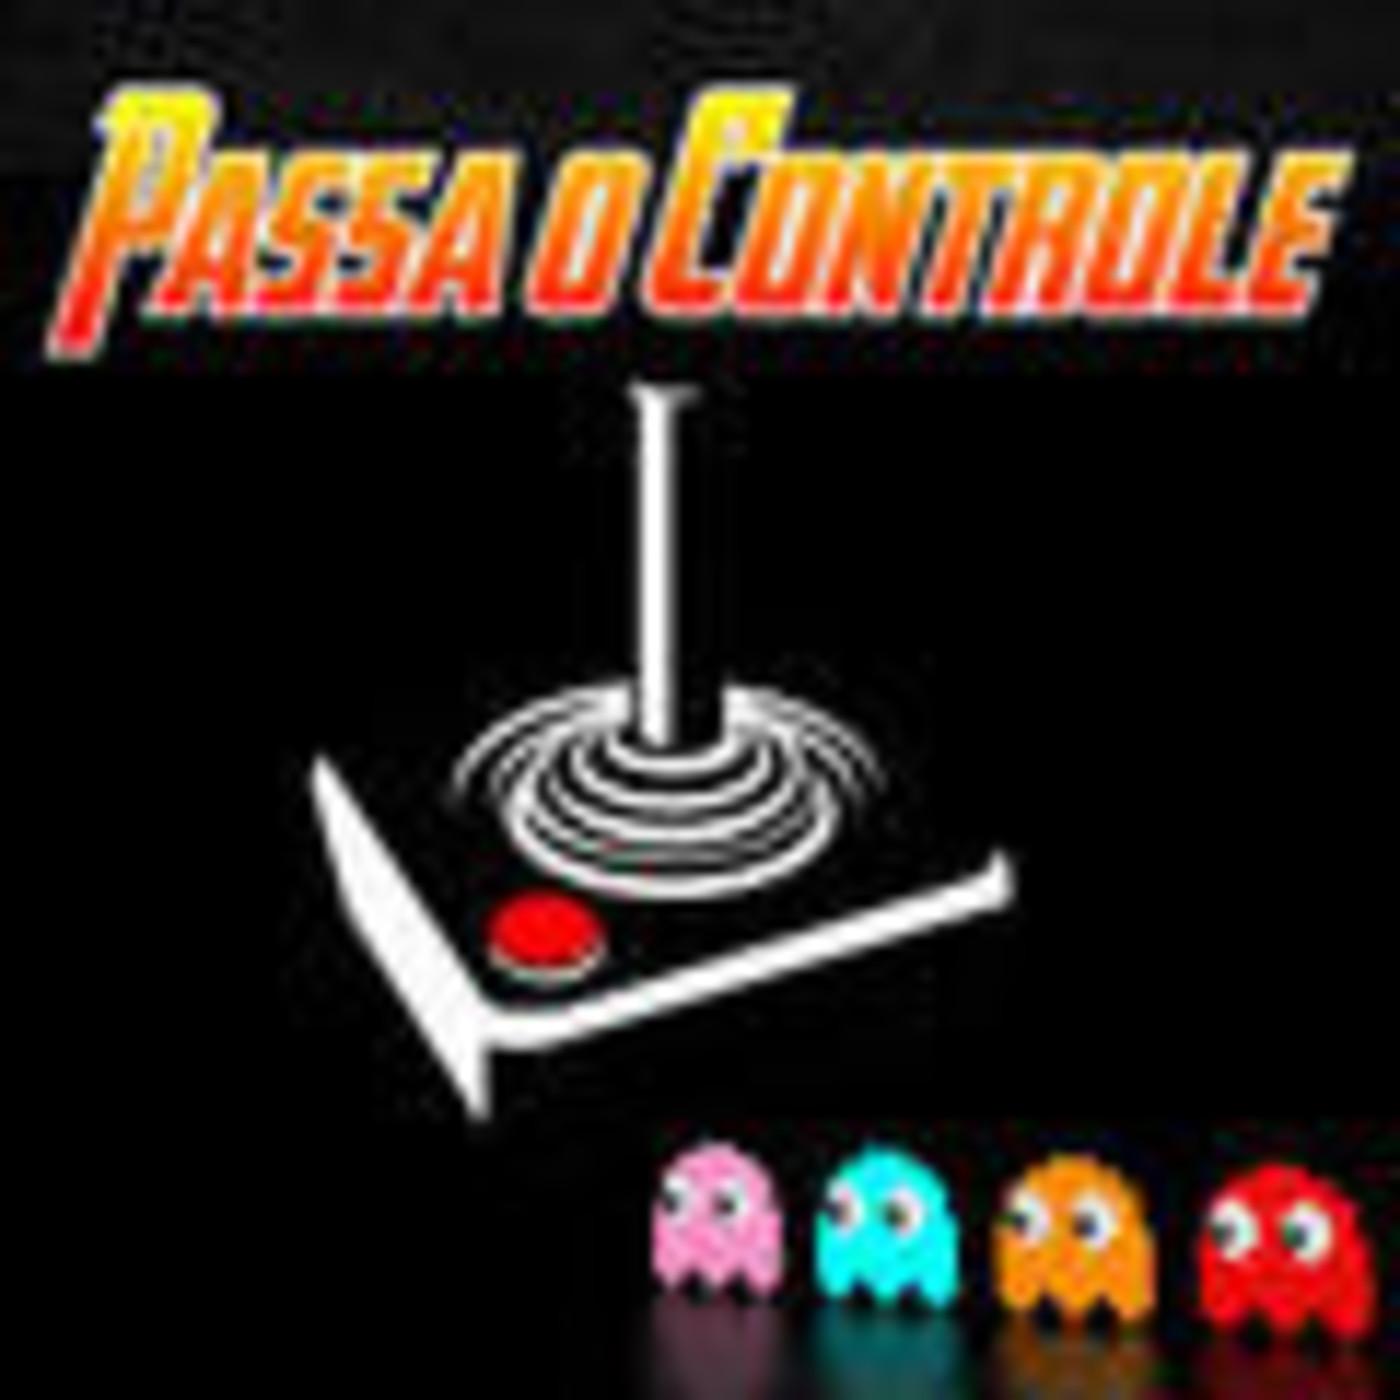 http://passaocontrole.com.br